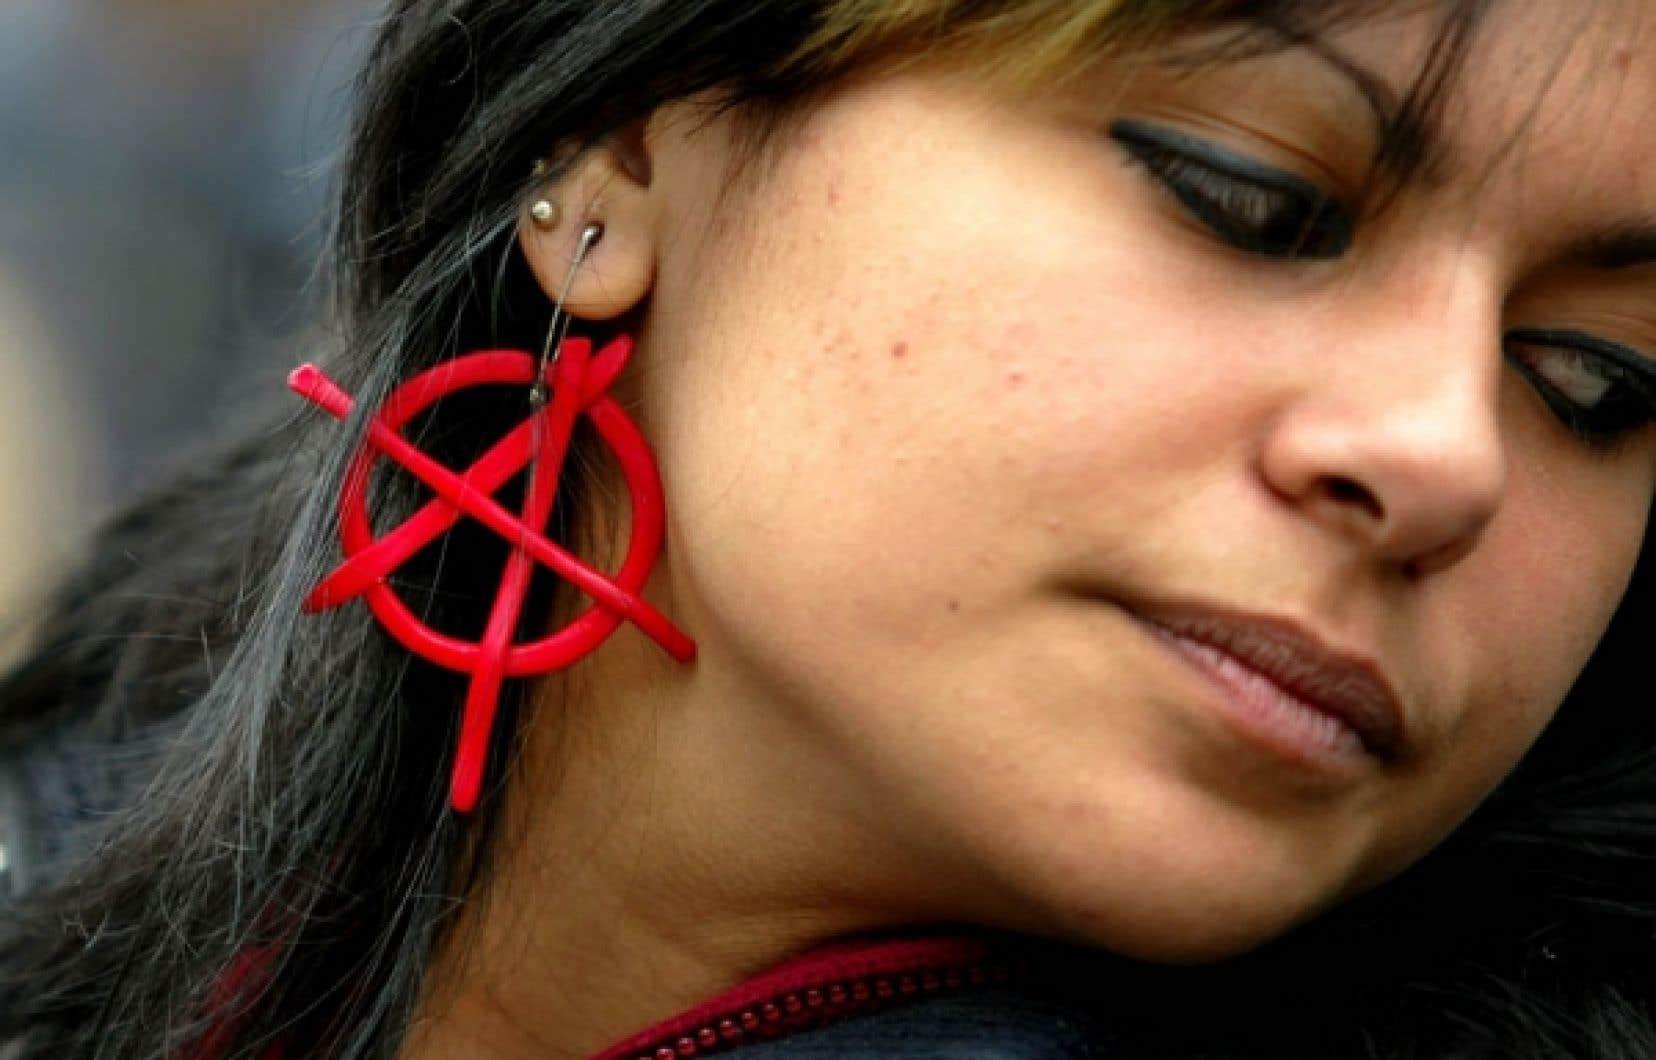 Les militants de la mouvance anarchiste exp&eacute;rimentent, au sein de multiples projets, des modes d&rsquo;organisation et de fonctionnement bas&eacute;s sur la d&eacute;mocratie directe et l&rsquo;autonomie.<br />